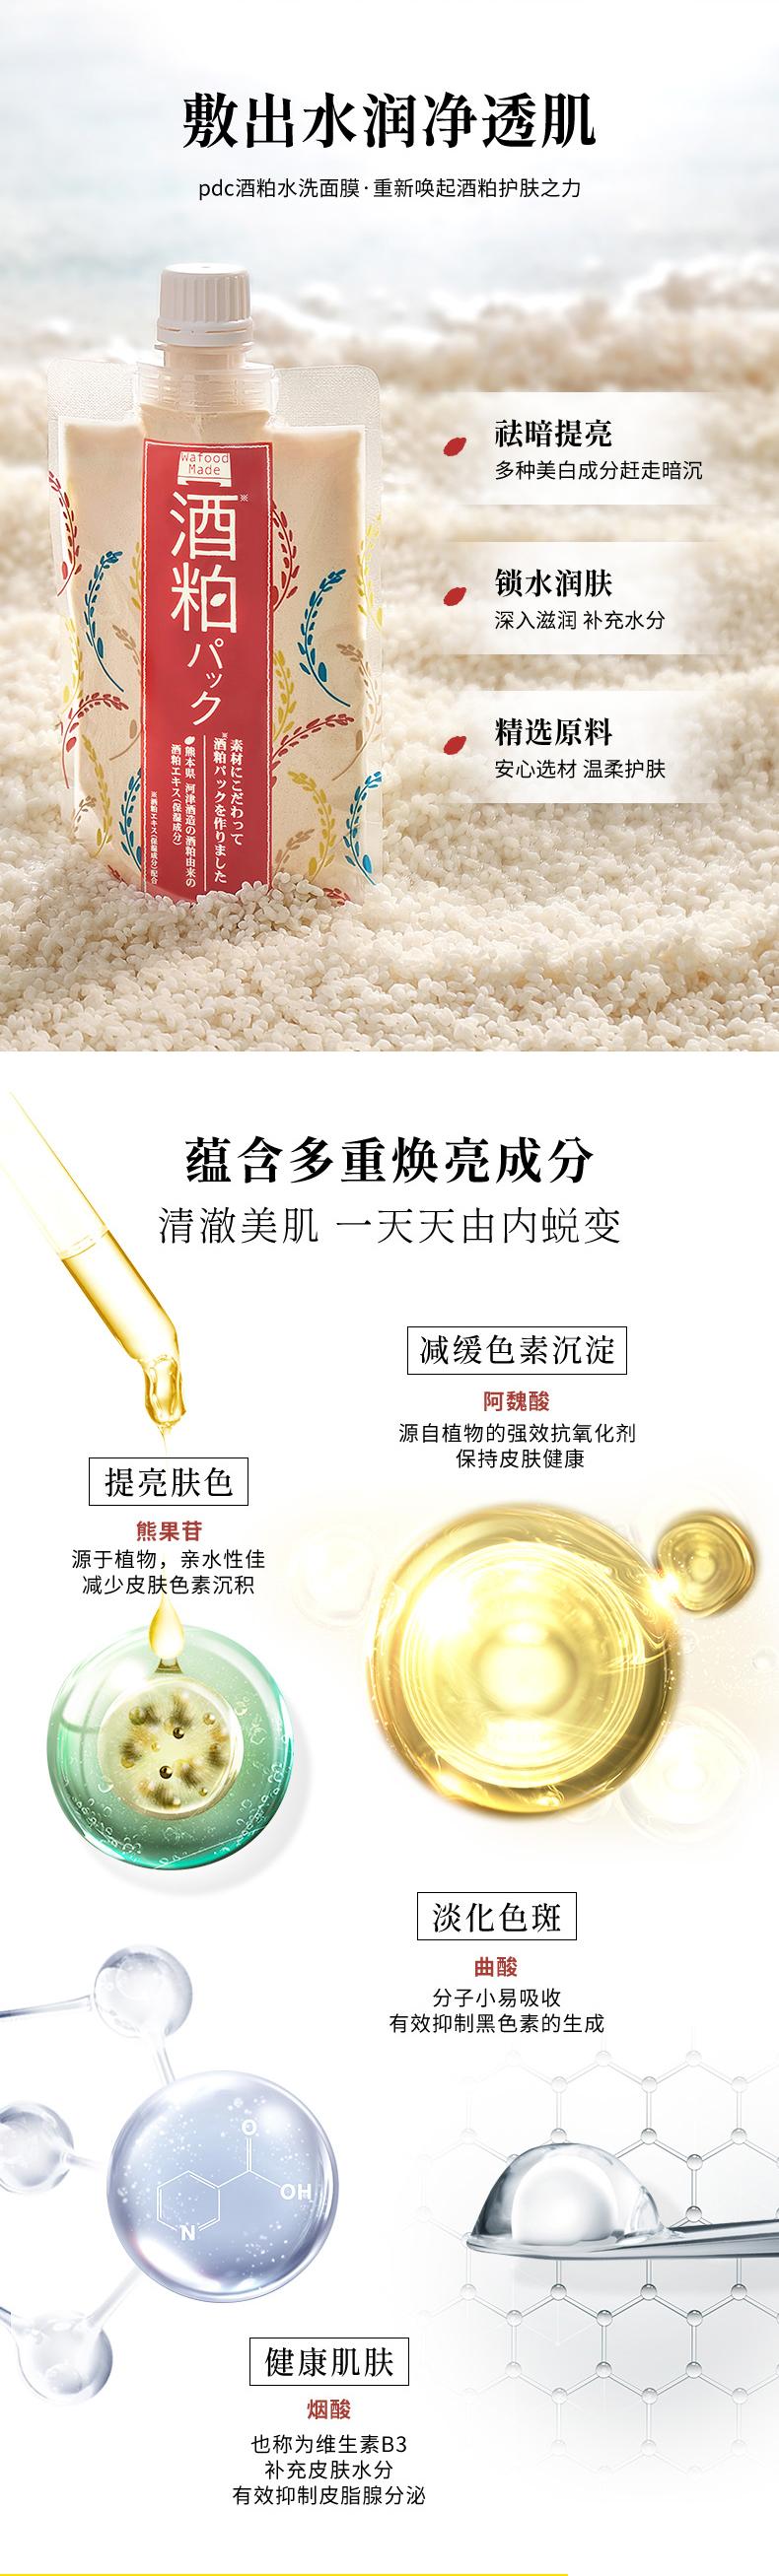 日本进口 pdc 碧迪皙 酒粕面膜 170g 嫩滑保湿 提亮肤色 图3